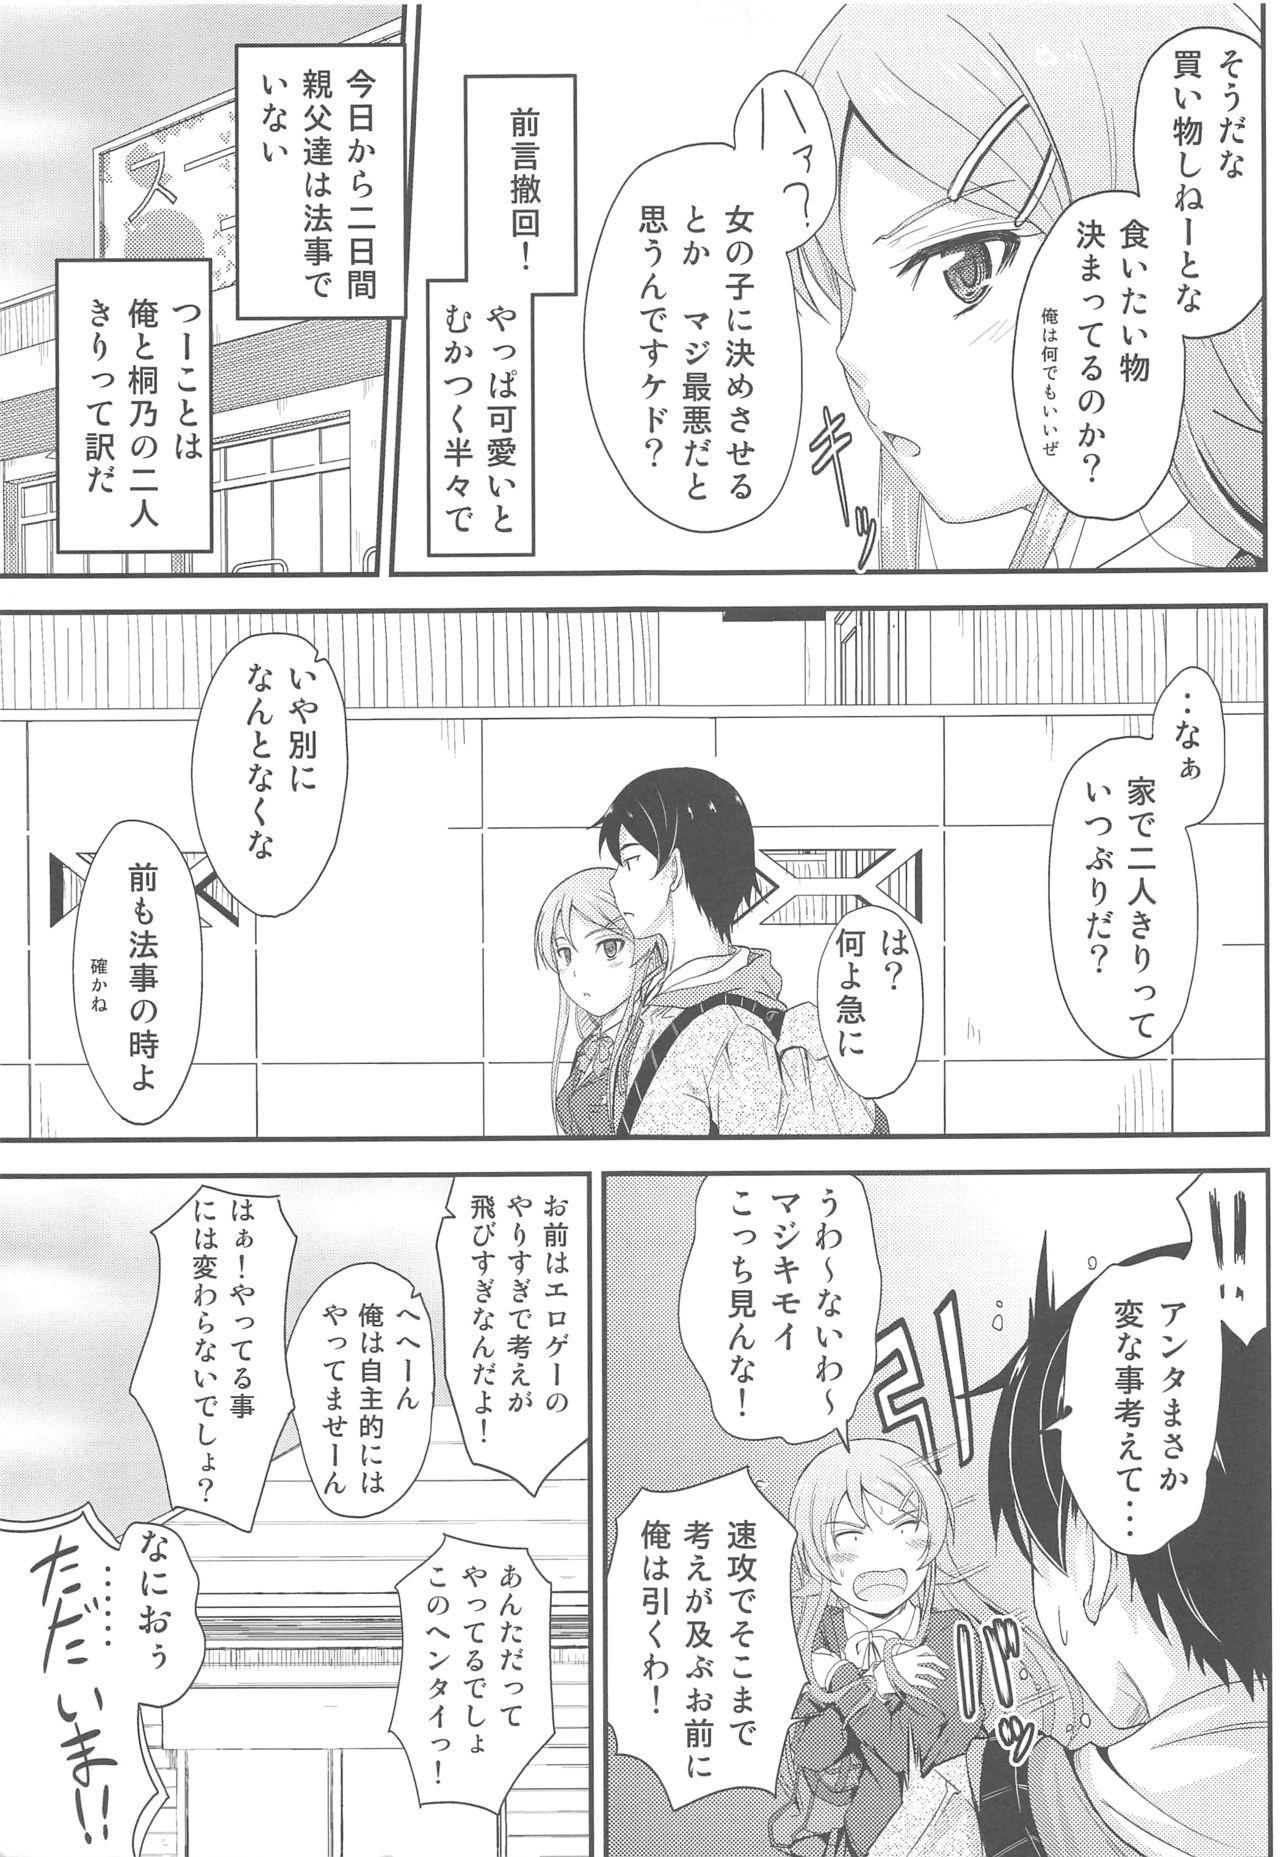 Fuku o Shinchou Suru Tabi ni Aniki ga Koufun Shitekite Chou Uzain desu kedo? 5